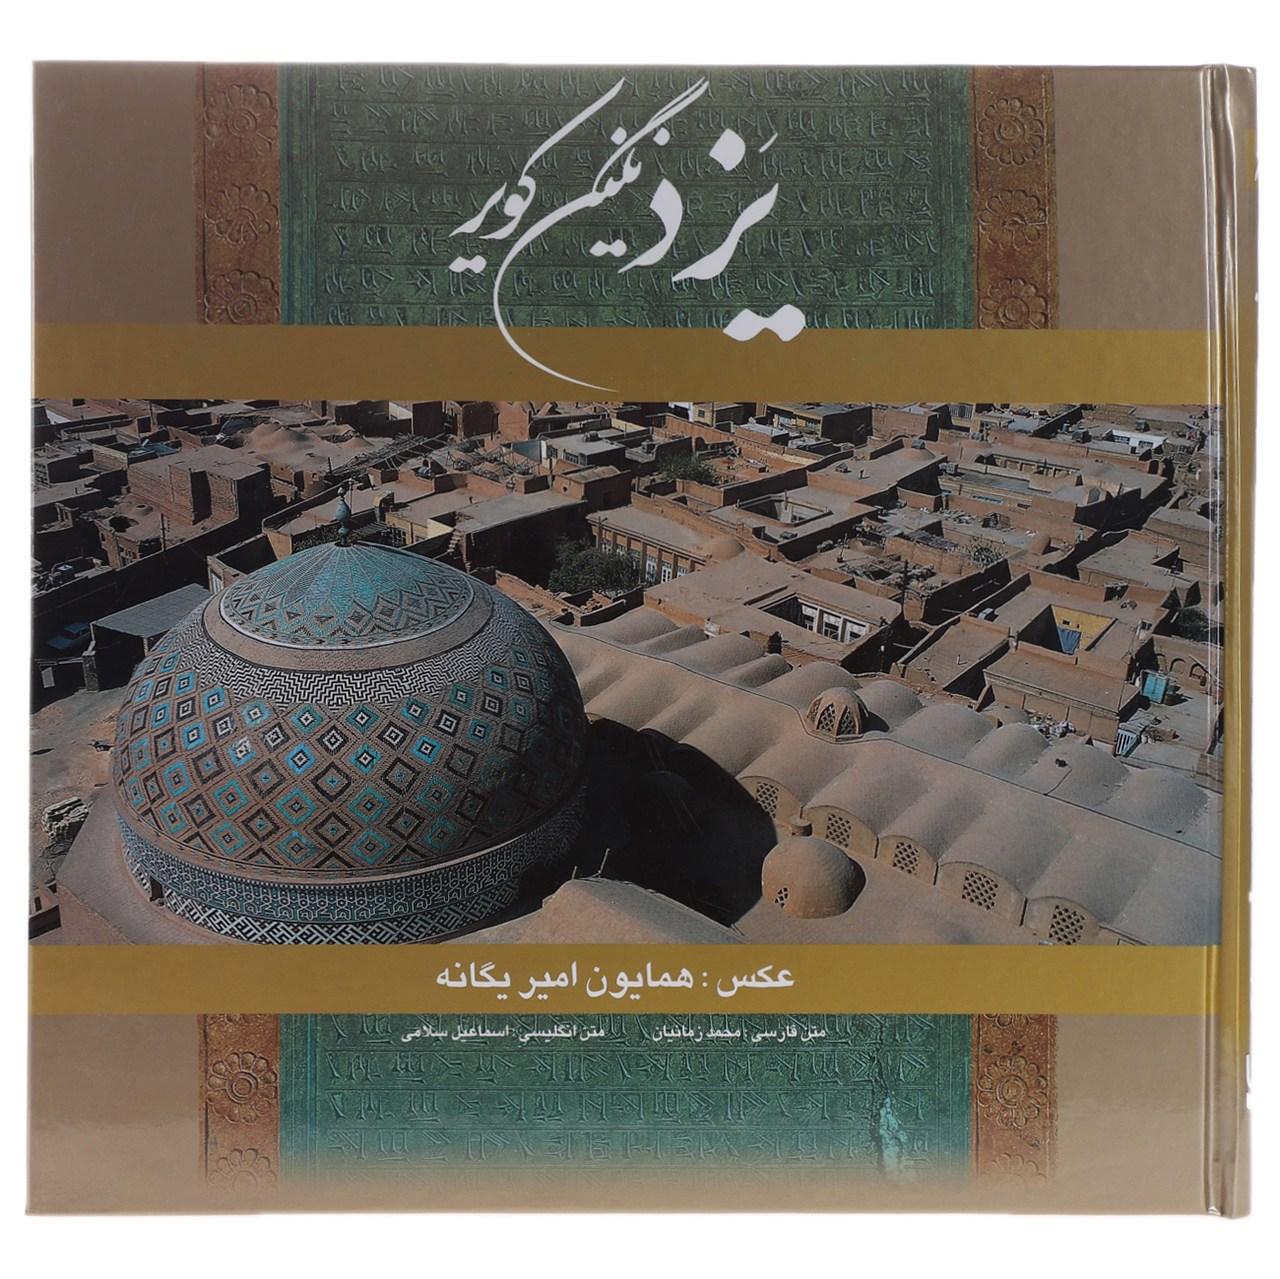 کتاب یزد نگین کویر اثر محمد زمانیان